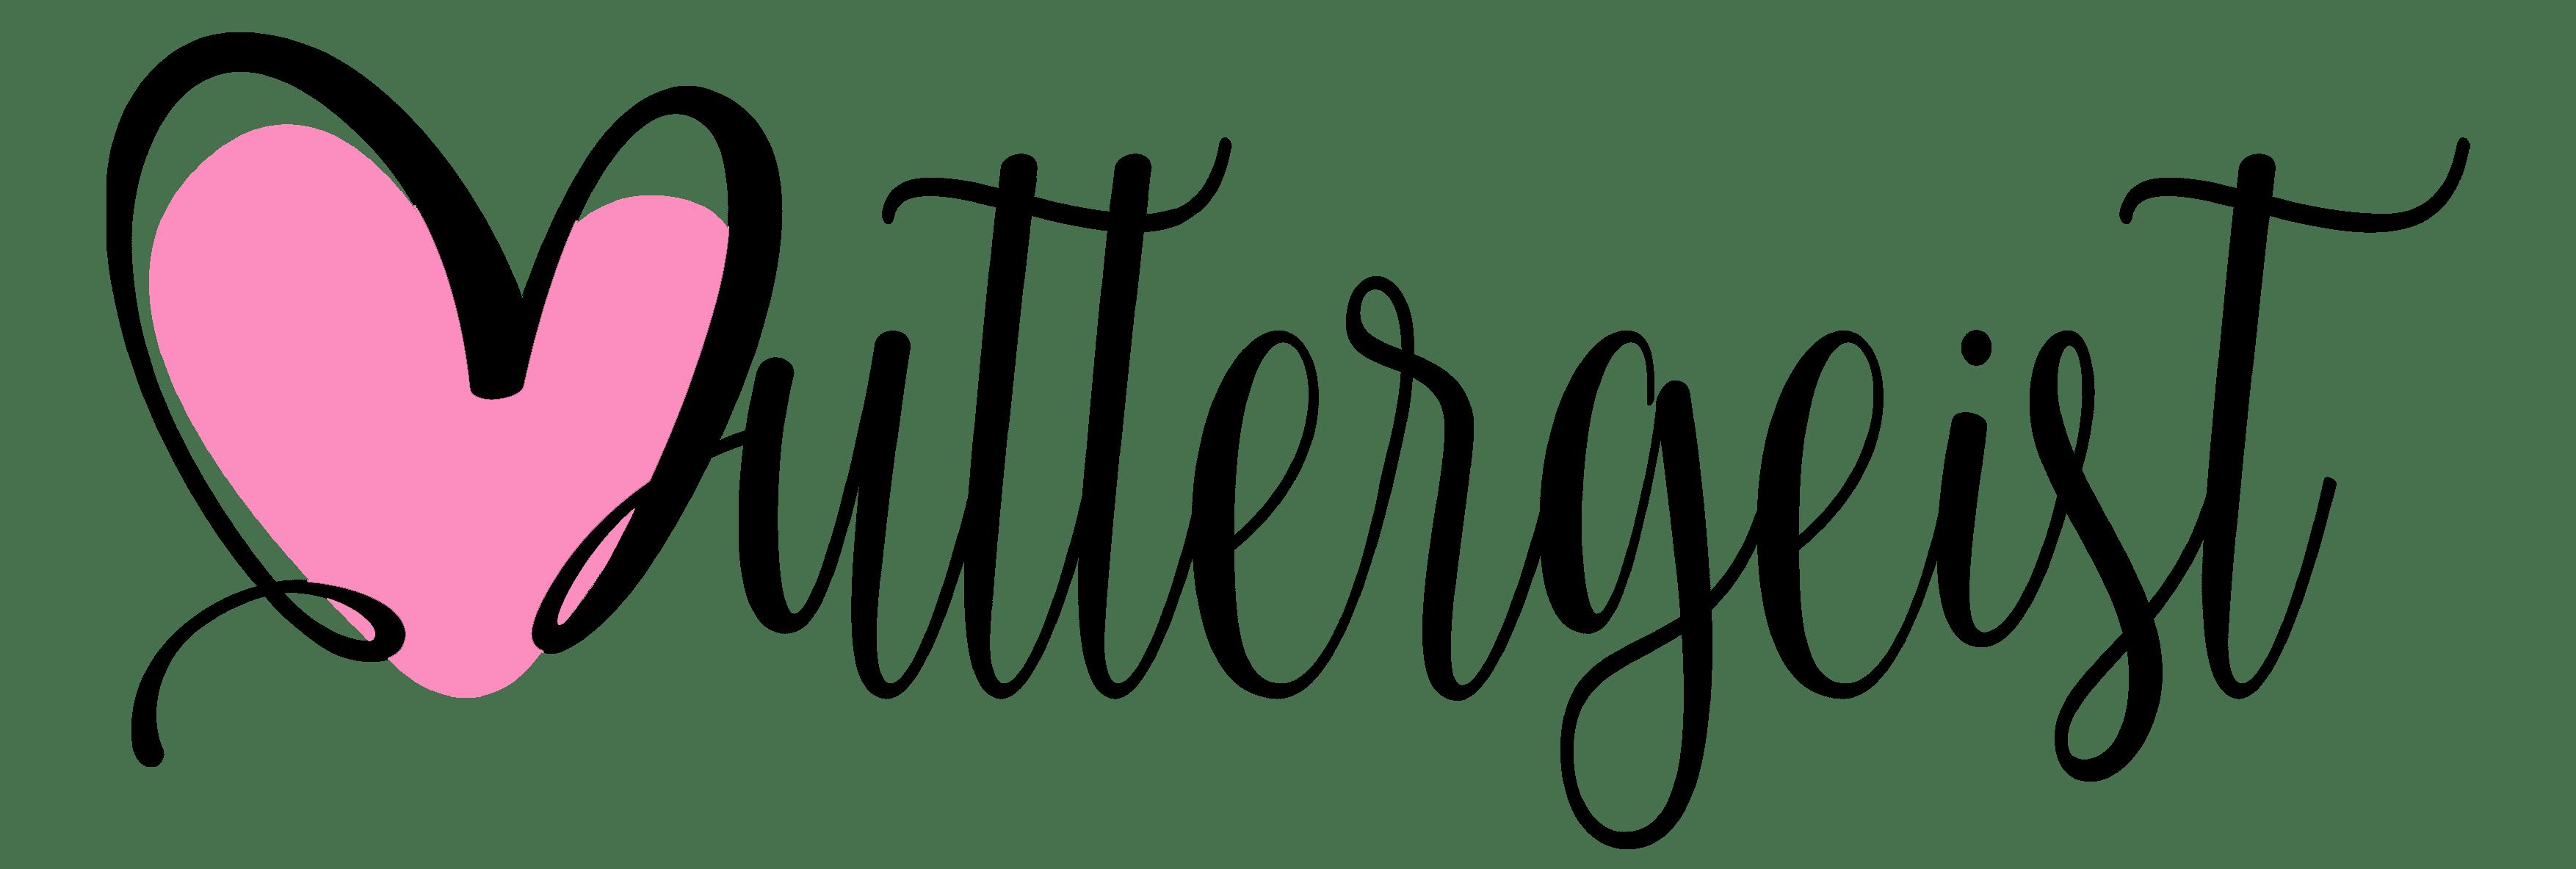 Muttergeist